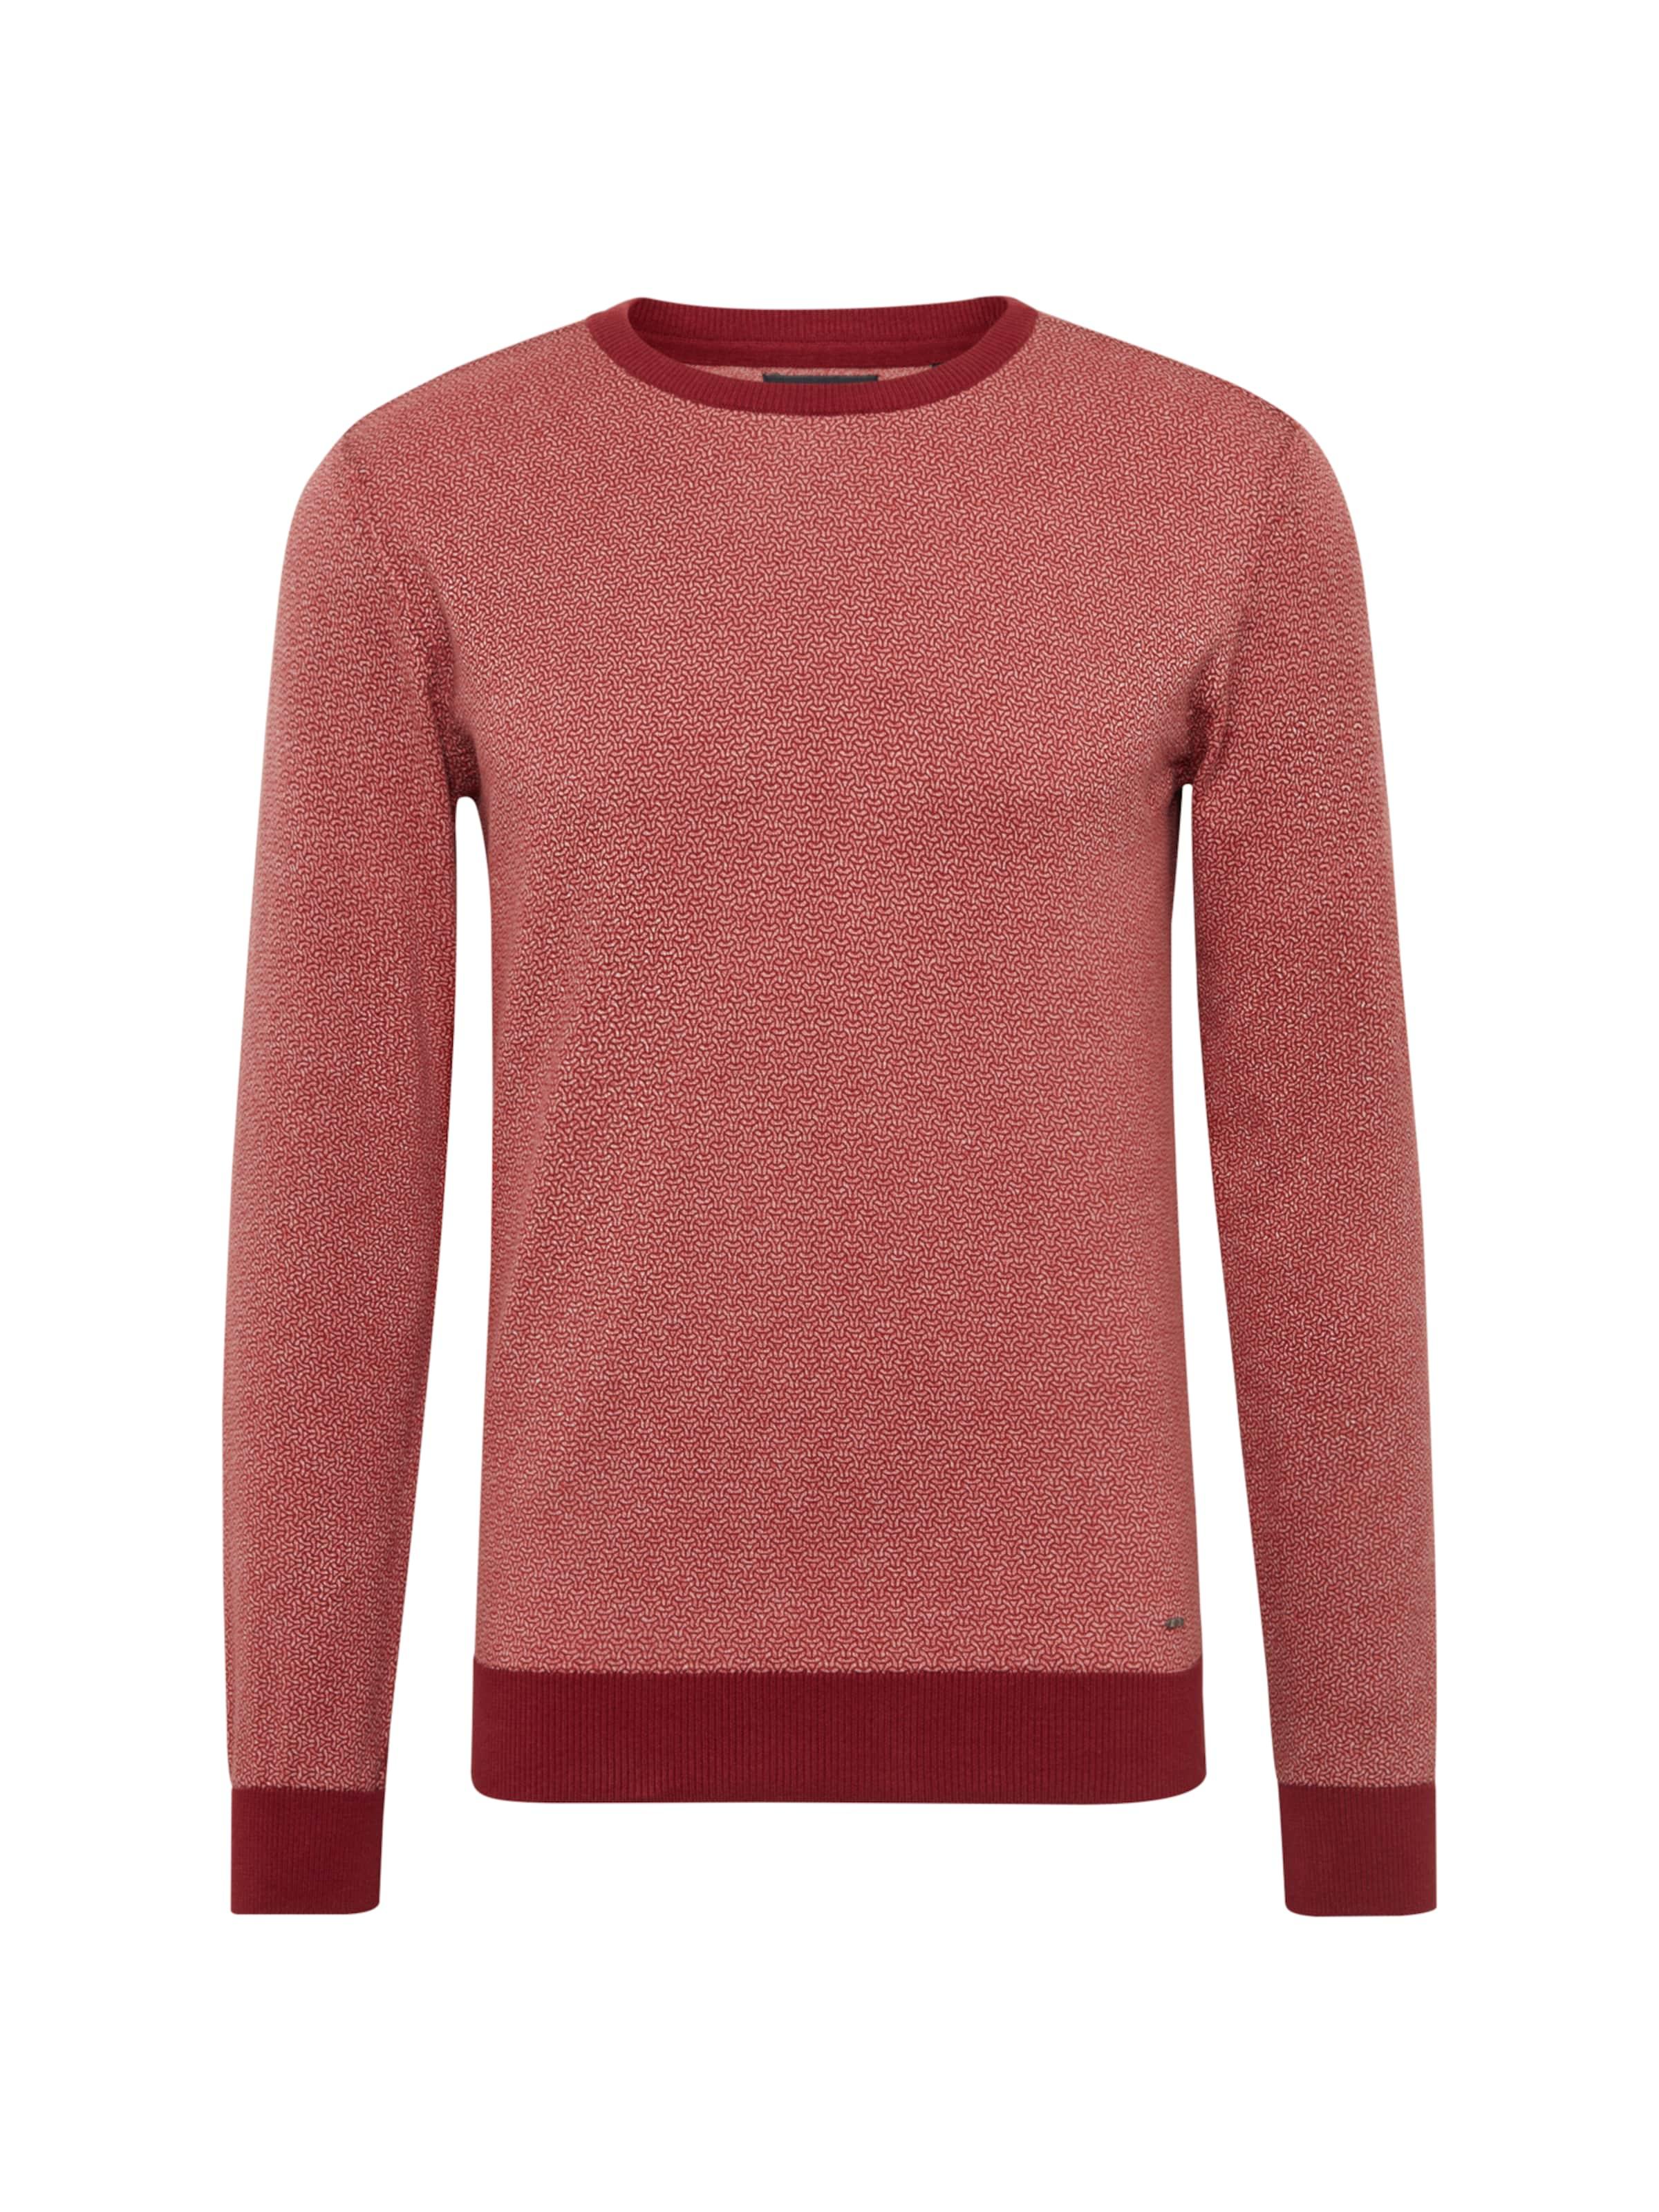 Rot Rot Industries Industries Sweatshirt In In Sweatshirt Petrol Petrol c53S4LAjqR